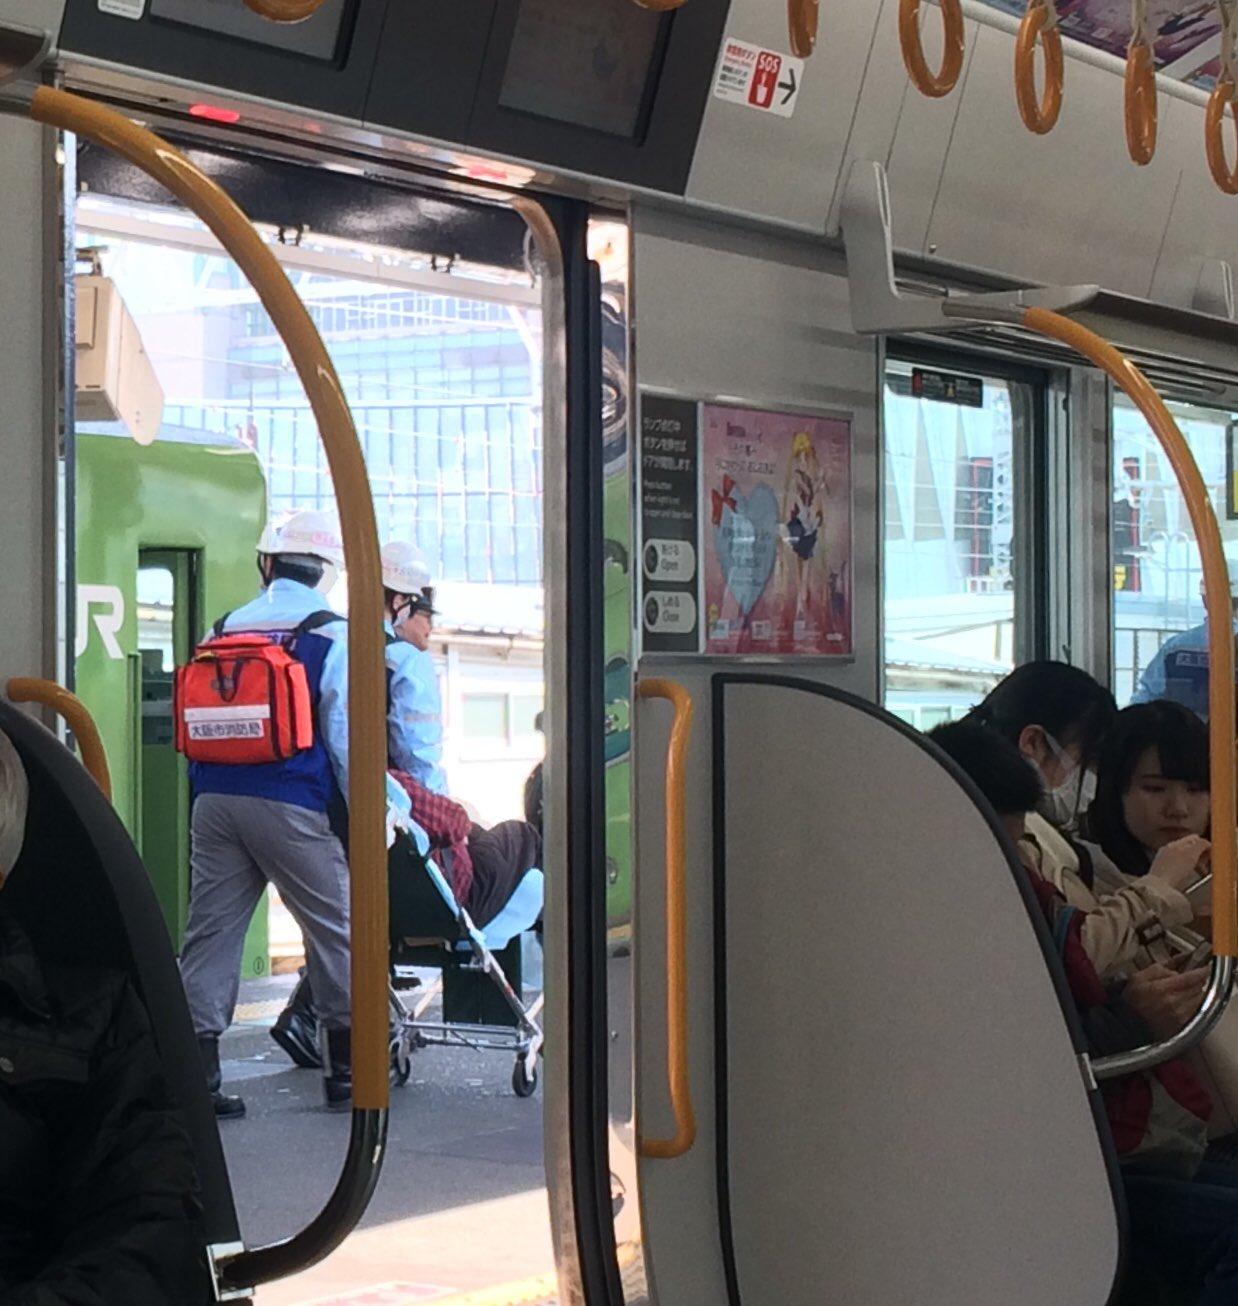 新今宮駅で人身事故が起きた現場画像